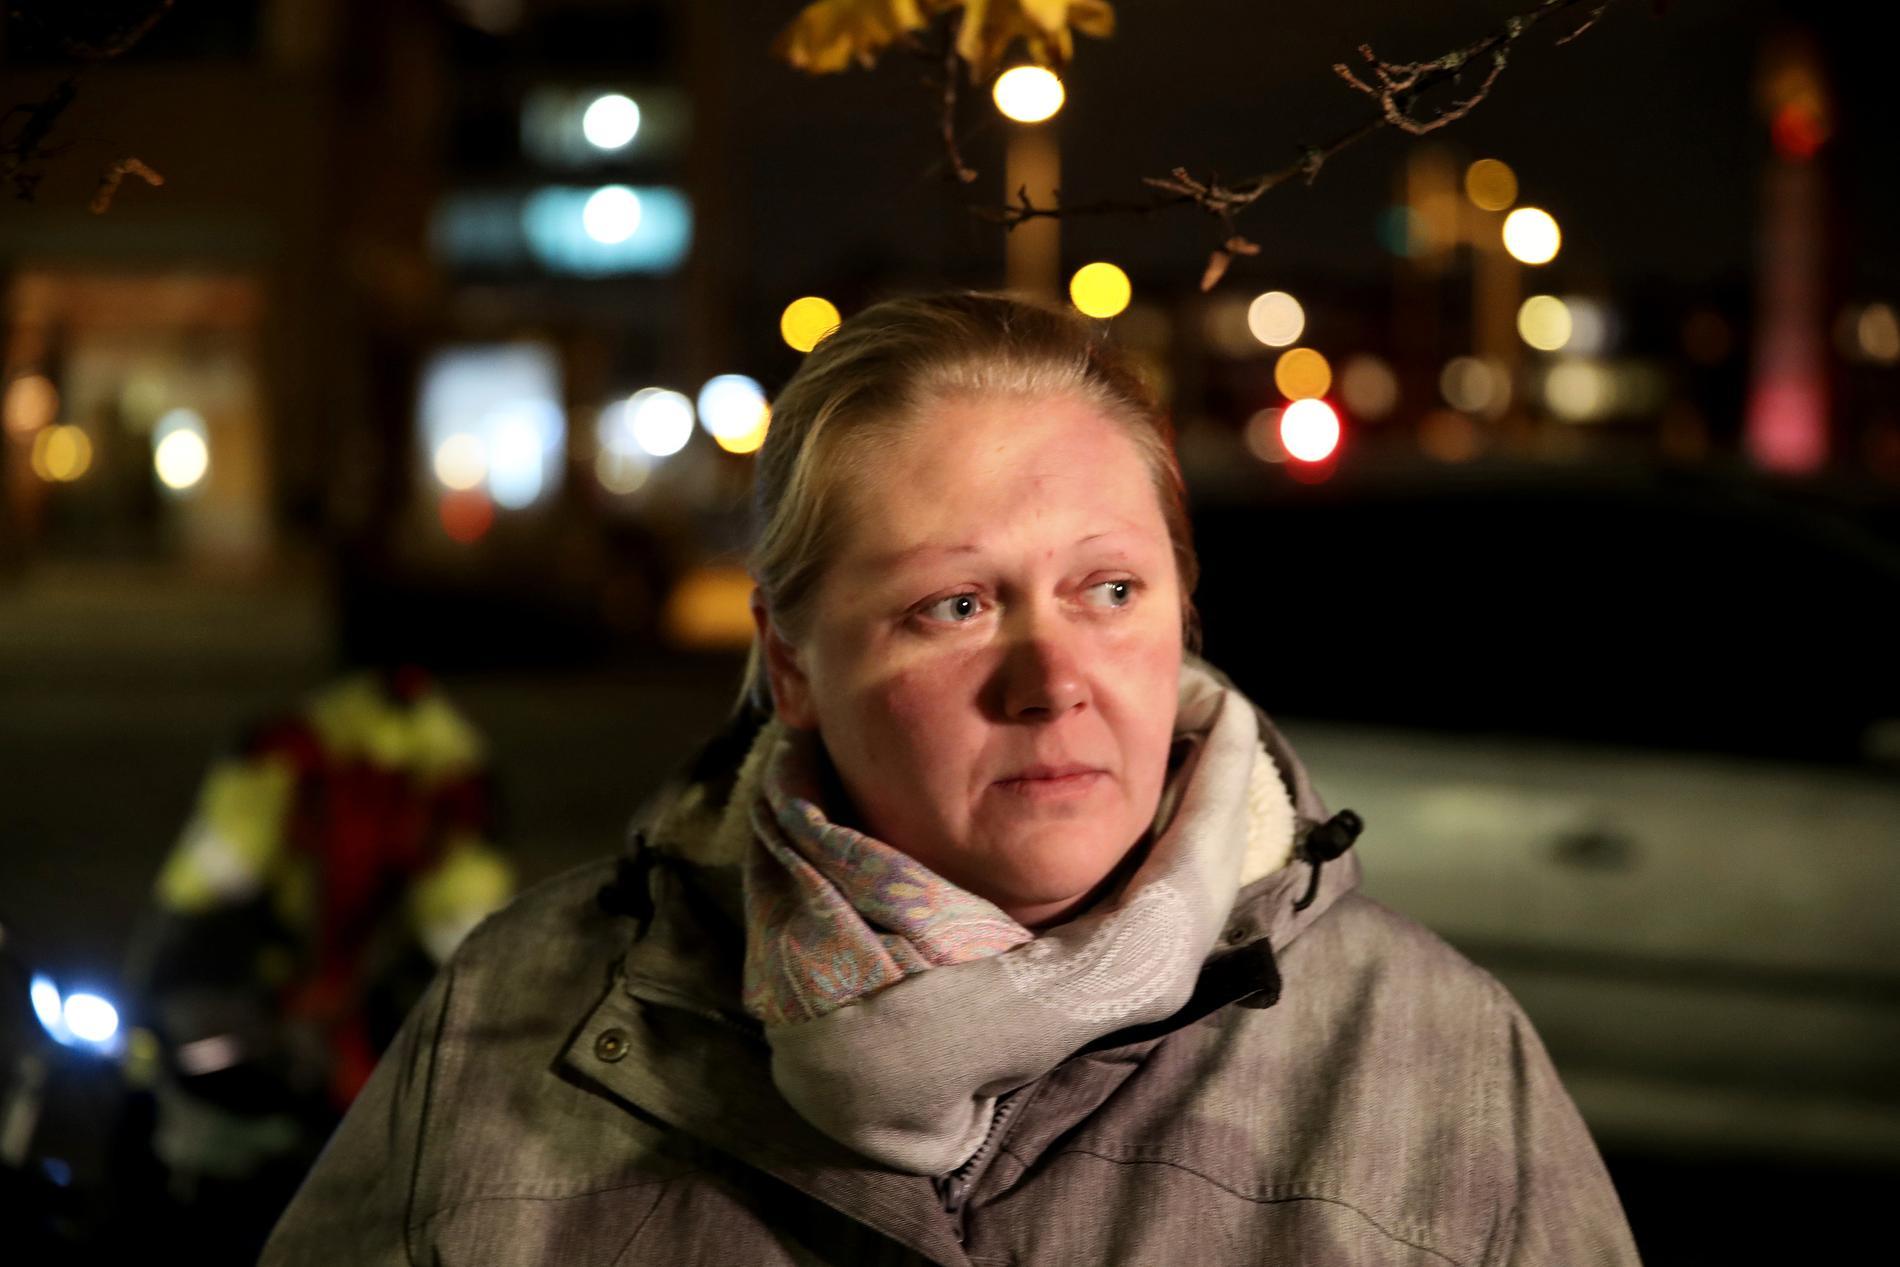 –Personal och gäster tog skydd i ett förråd i källaren, säger Josefin Törnblom, som jobbar på restaurangen i området.